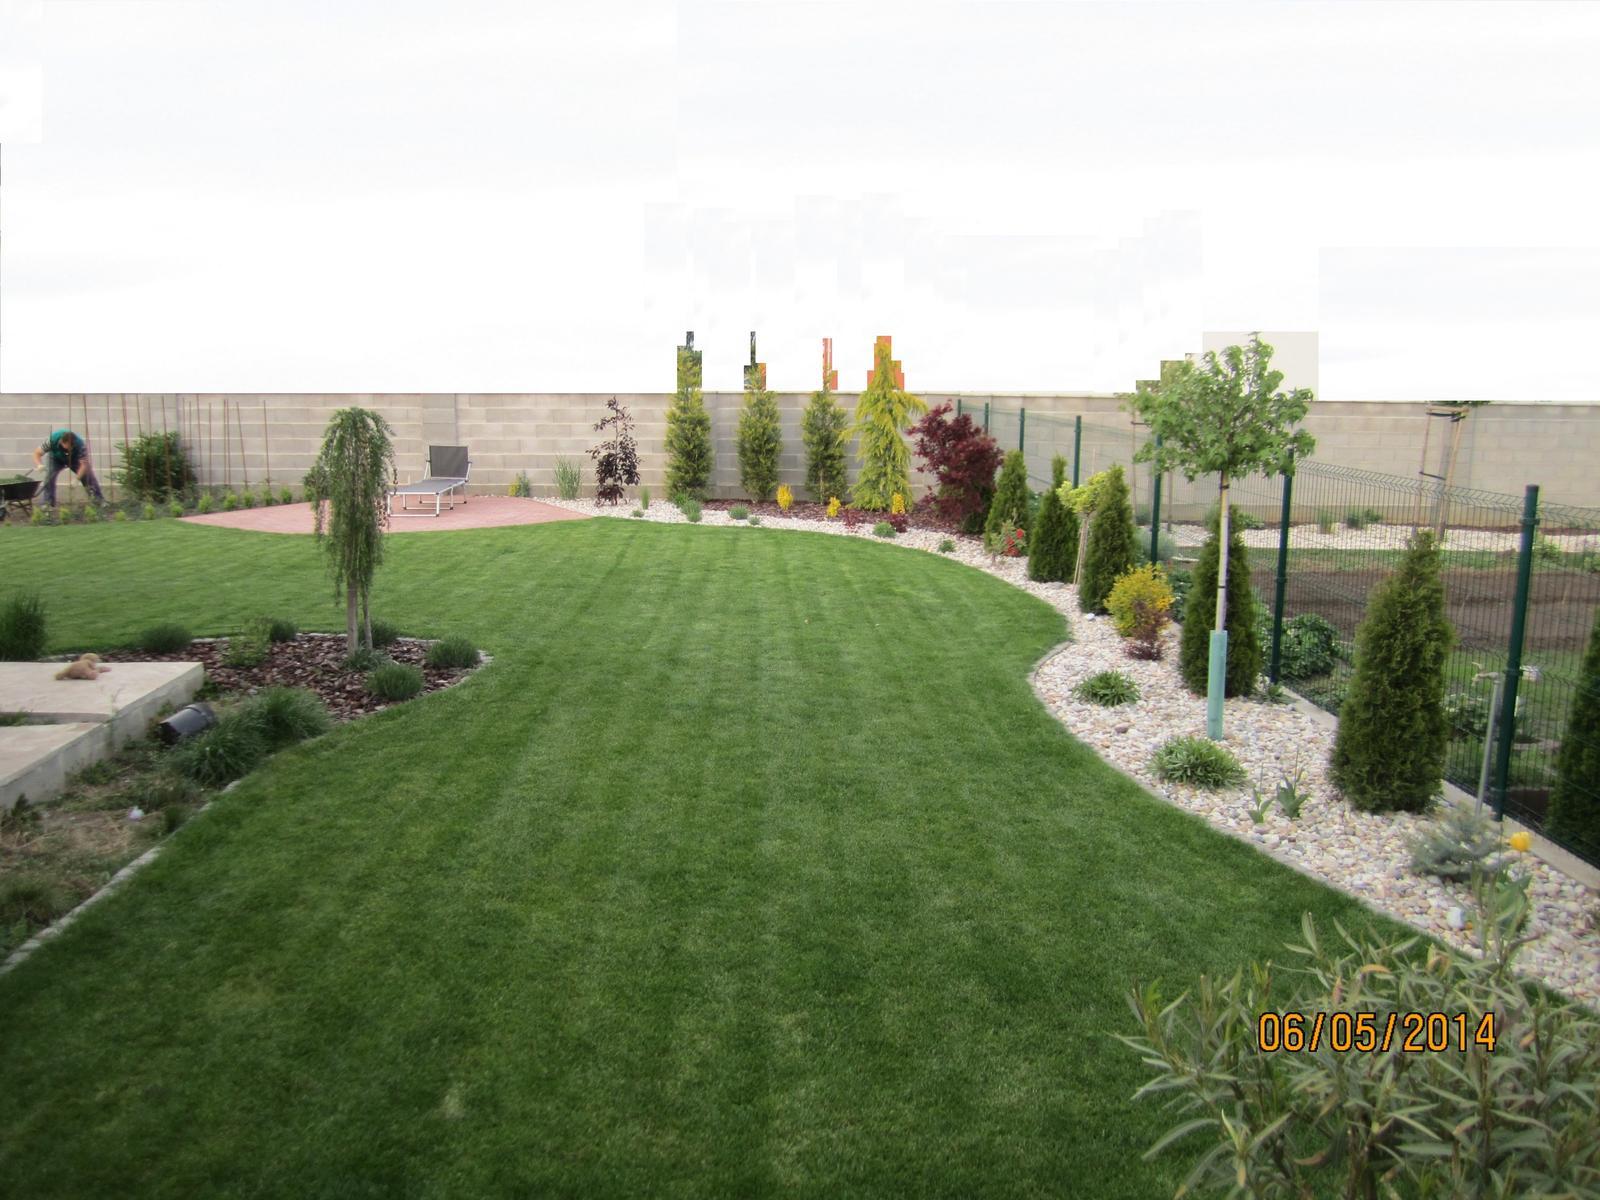 Bývame a dokončievame - pohlad od terasky..zahrada ma necely rok..... cast nalavo sa bude robit, rozsirovat beton o pol metra. preto tam je hlina...